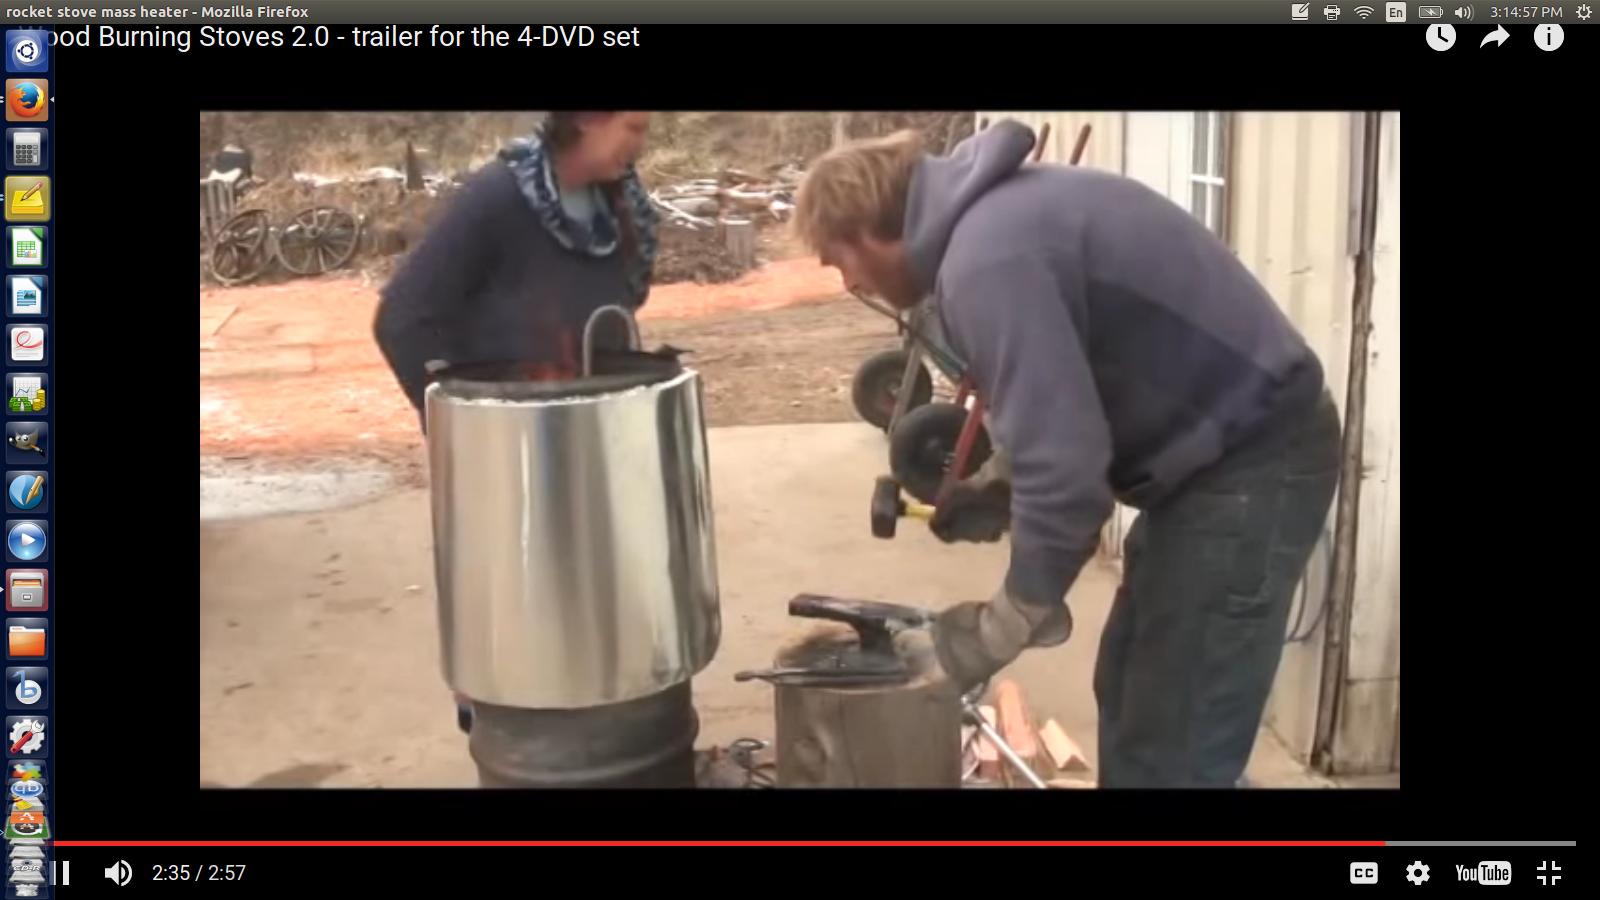 Rocket Canner Fryer and Forge - Draft Plans (rocket stoves